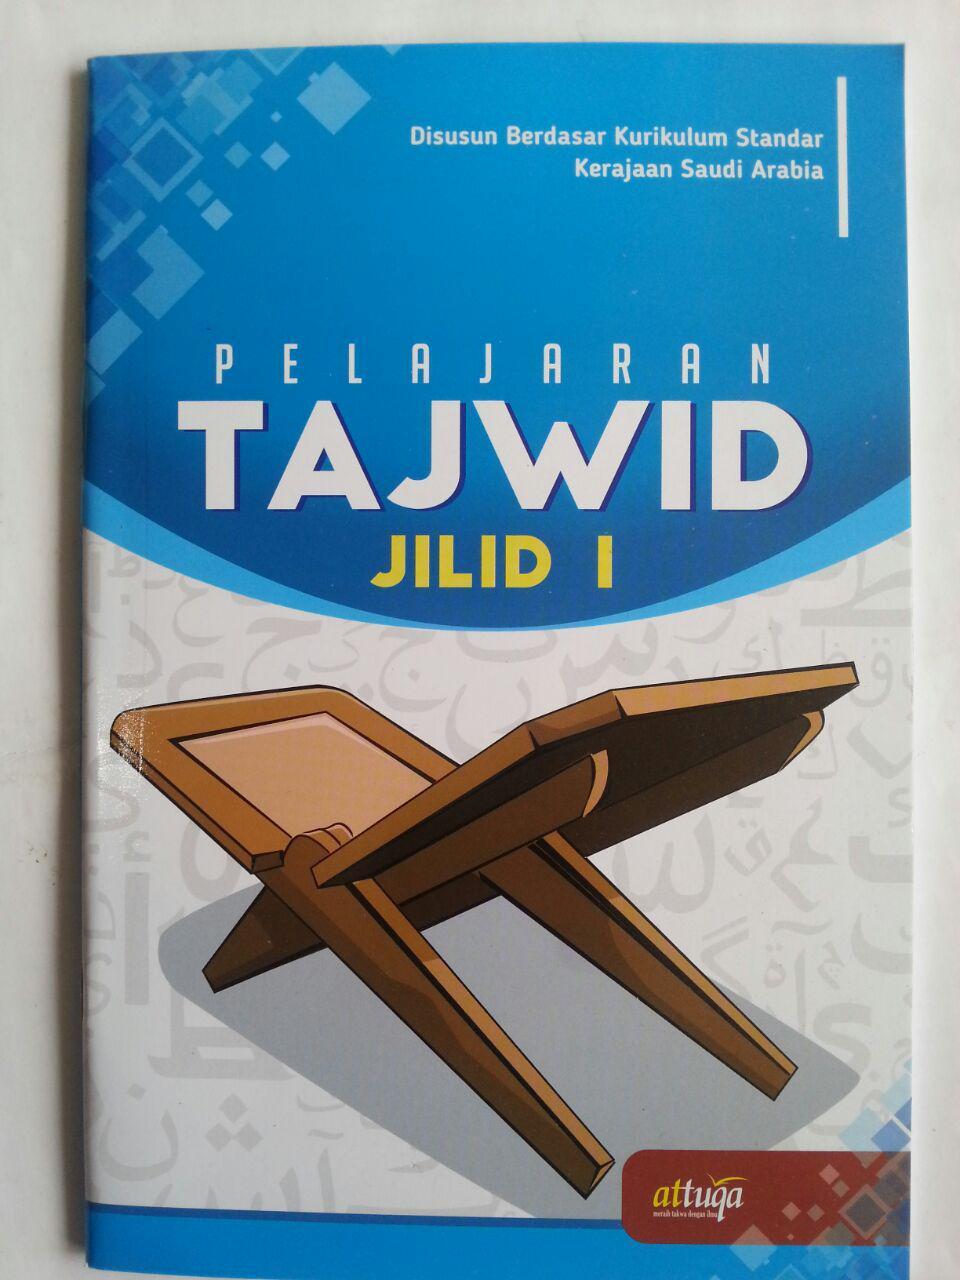 Buku Pelajaran Tajwid Berdasar Kurikulum Saudi Arabia Jilid 1 cover 2